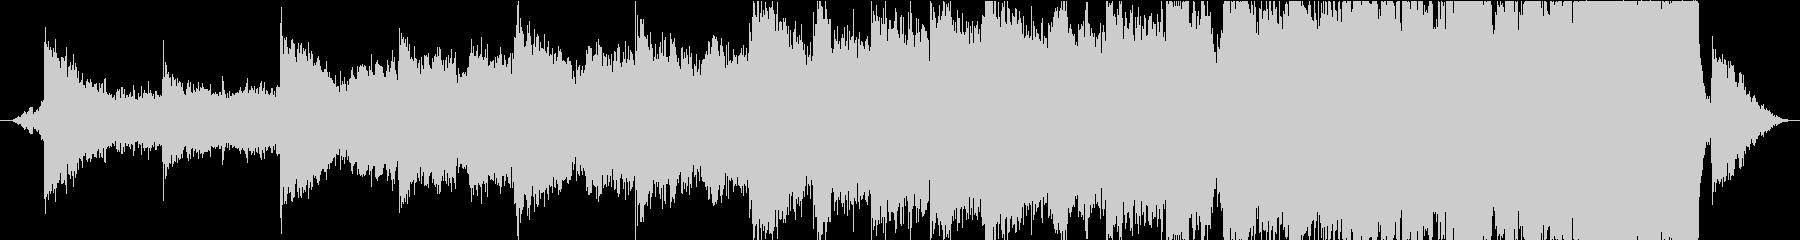 感動的トレーラーオーケストラ&クワイアの未再生の波形